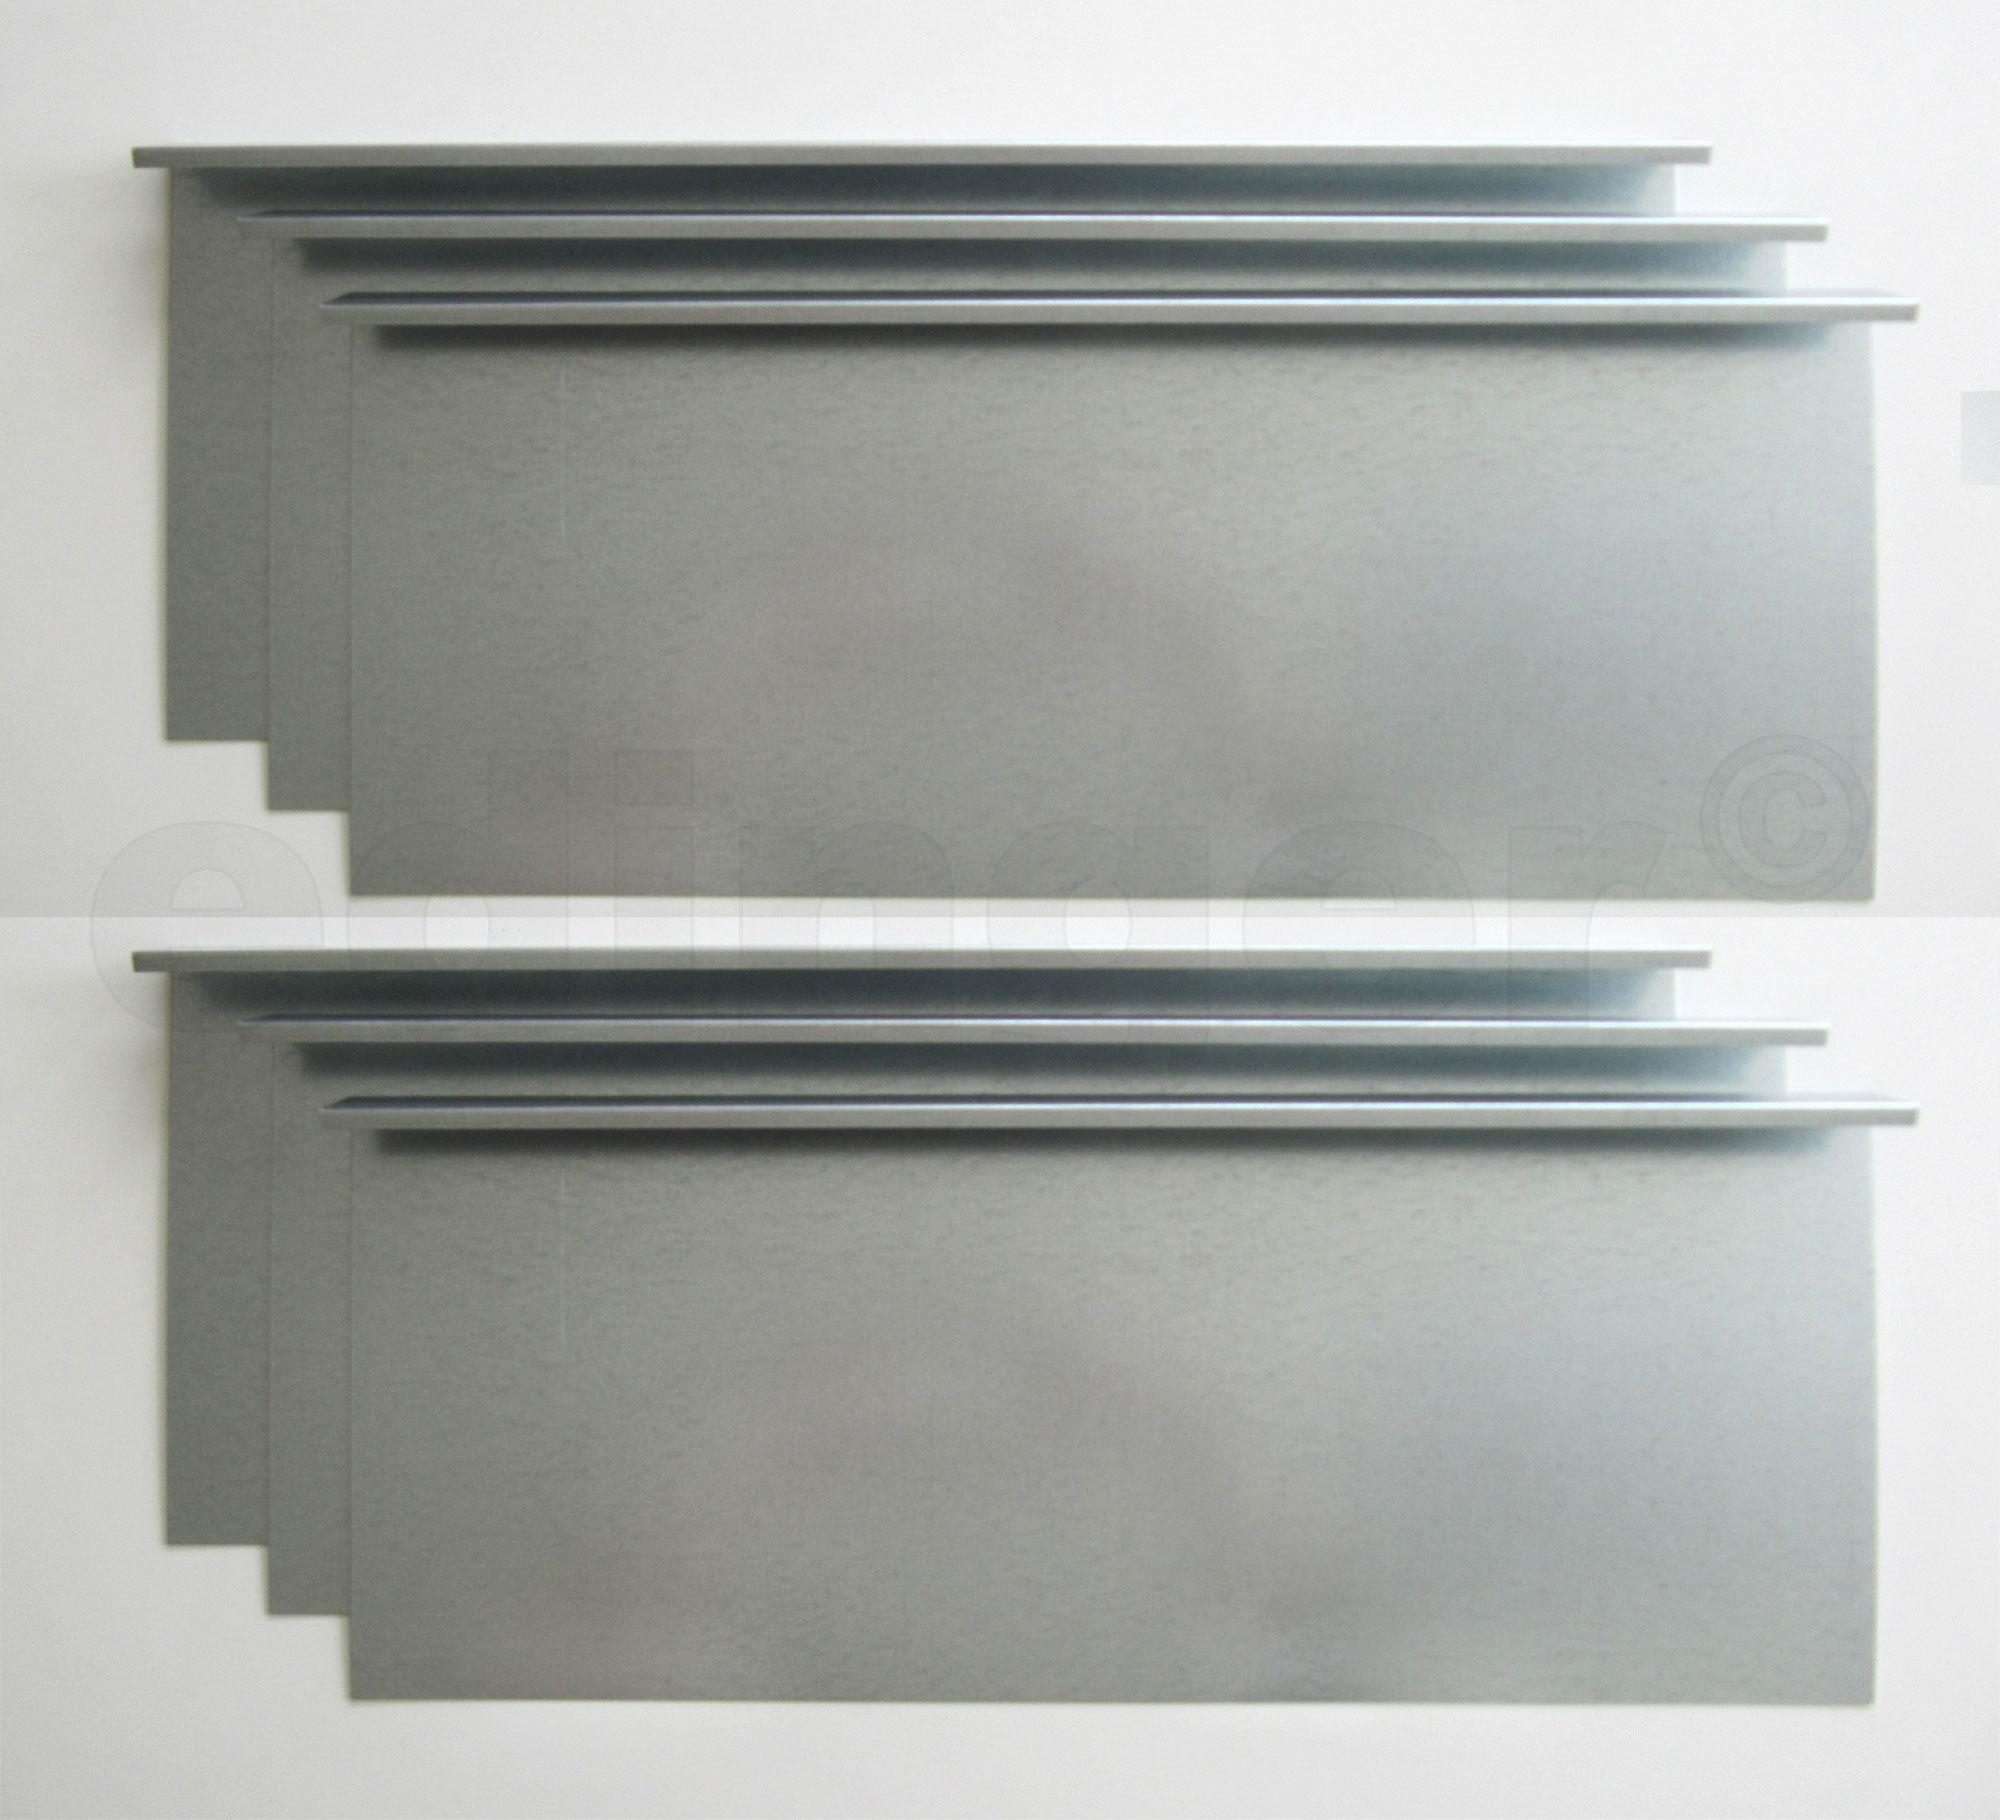 Schneckenzaun / Schneckenblech Metall 600x20cm Set Bild 1